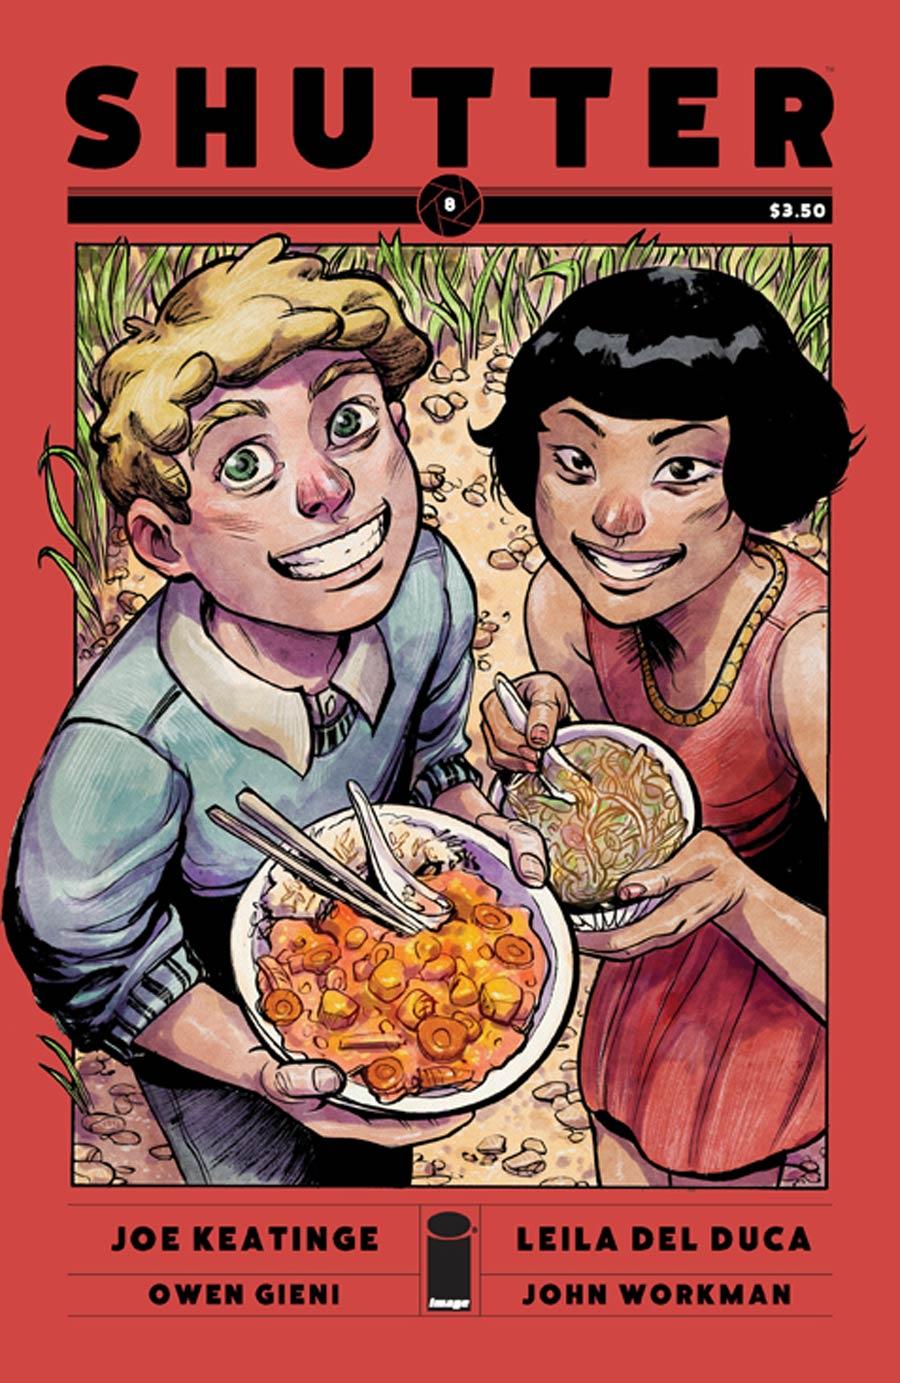 Shutter #8 Cover A Owen Gieni & Leila Del Duca